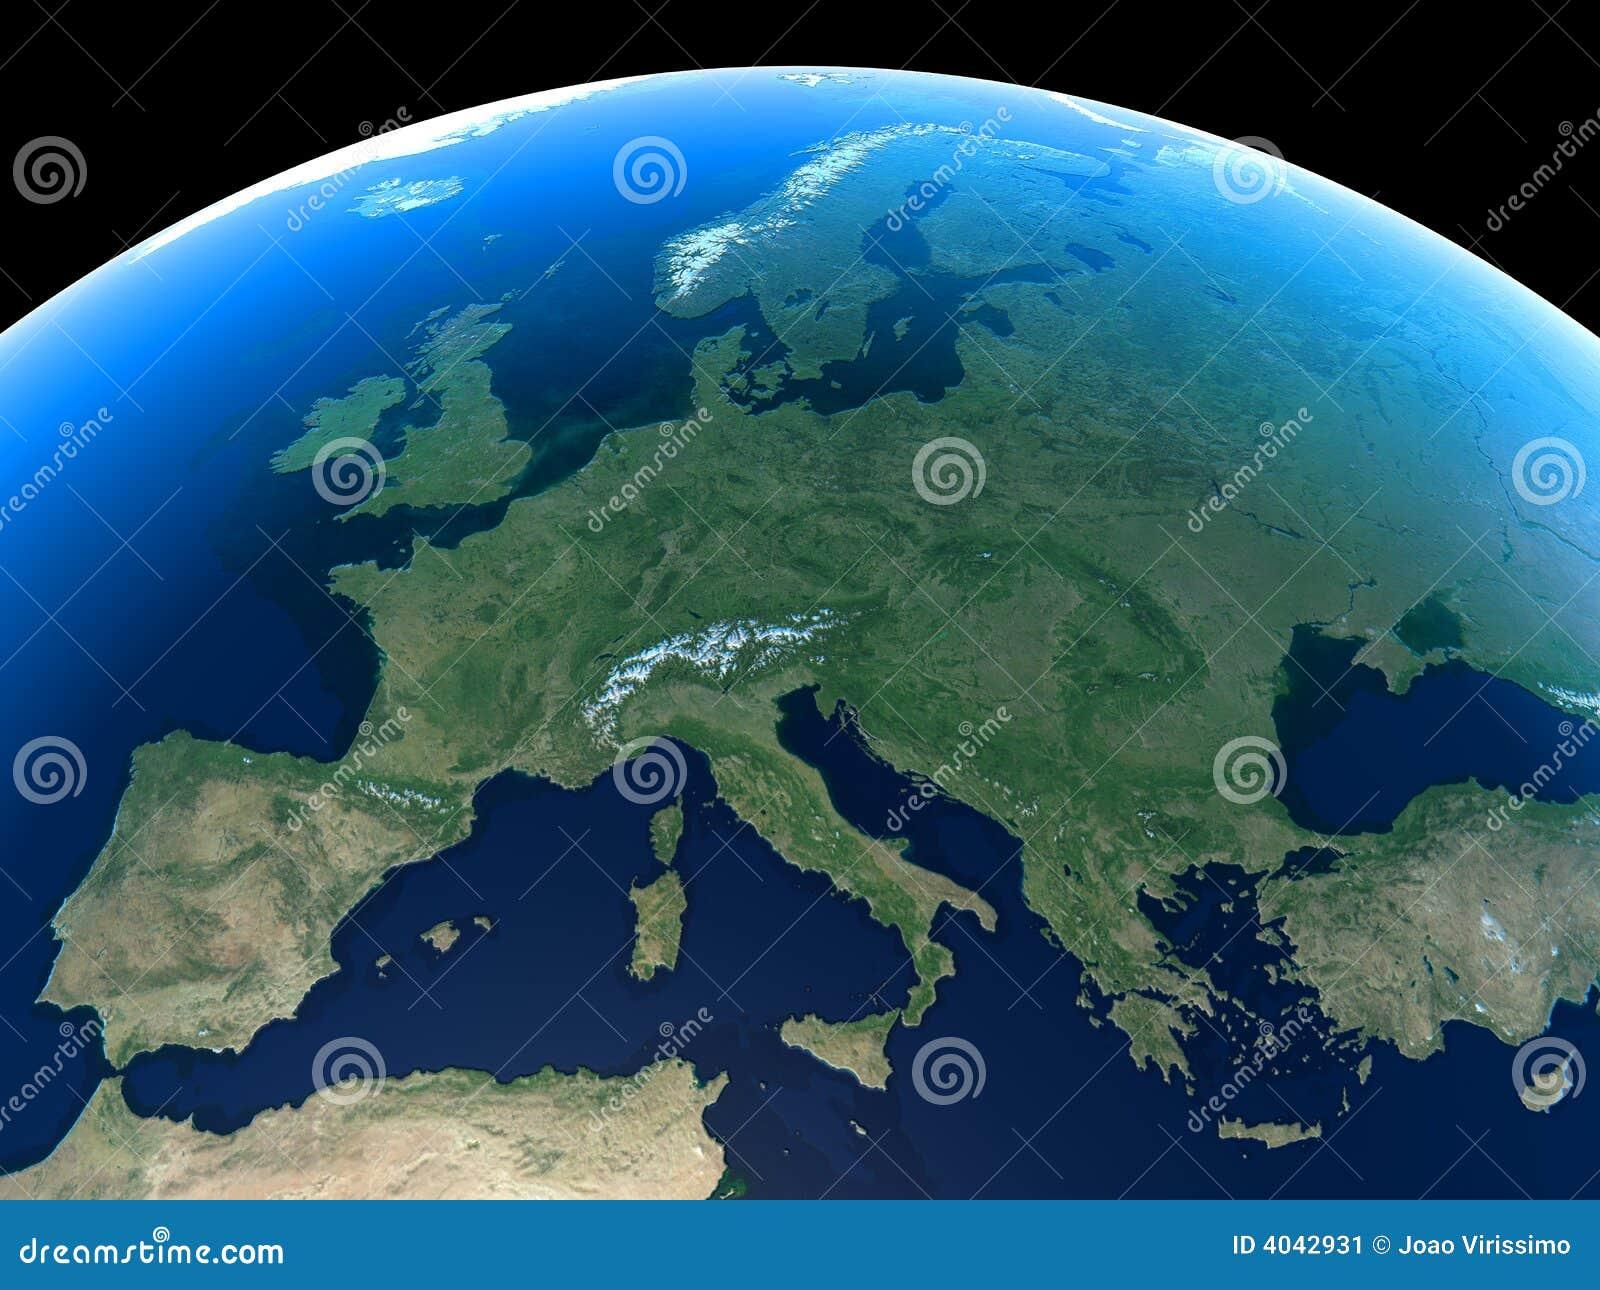 Земля в европе недвижимость в дубае цены в рублях 2020 и 2021